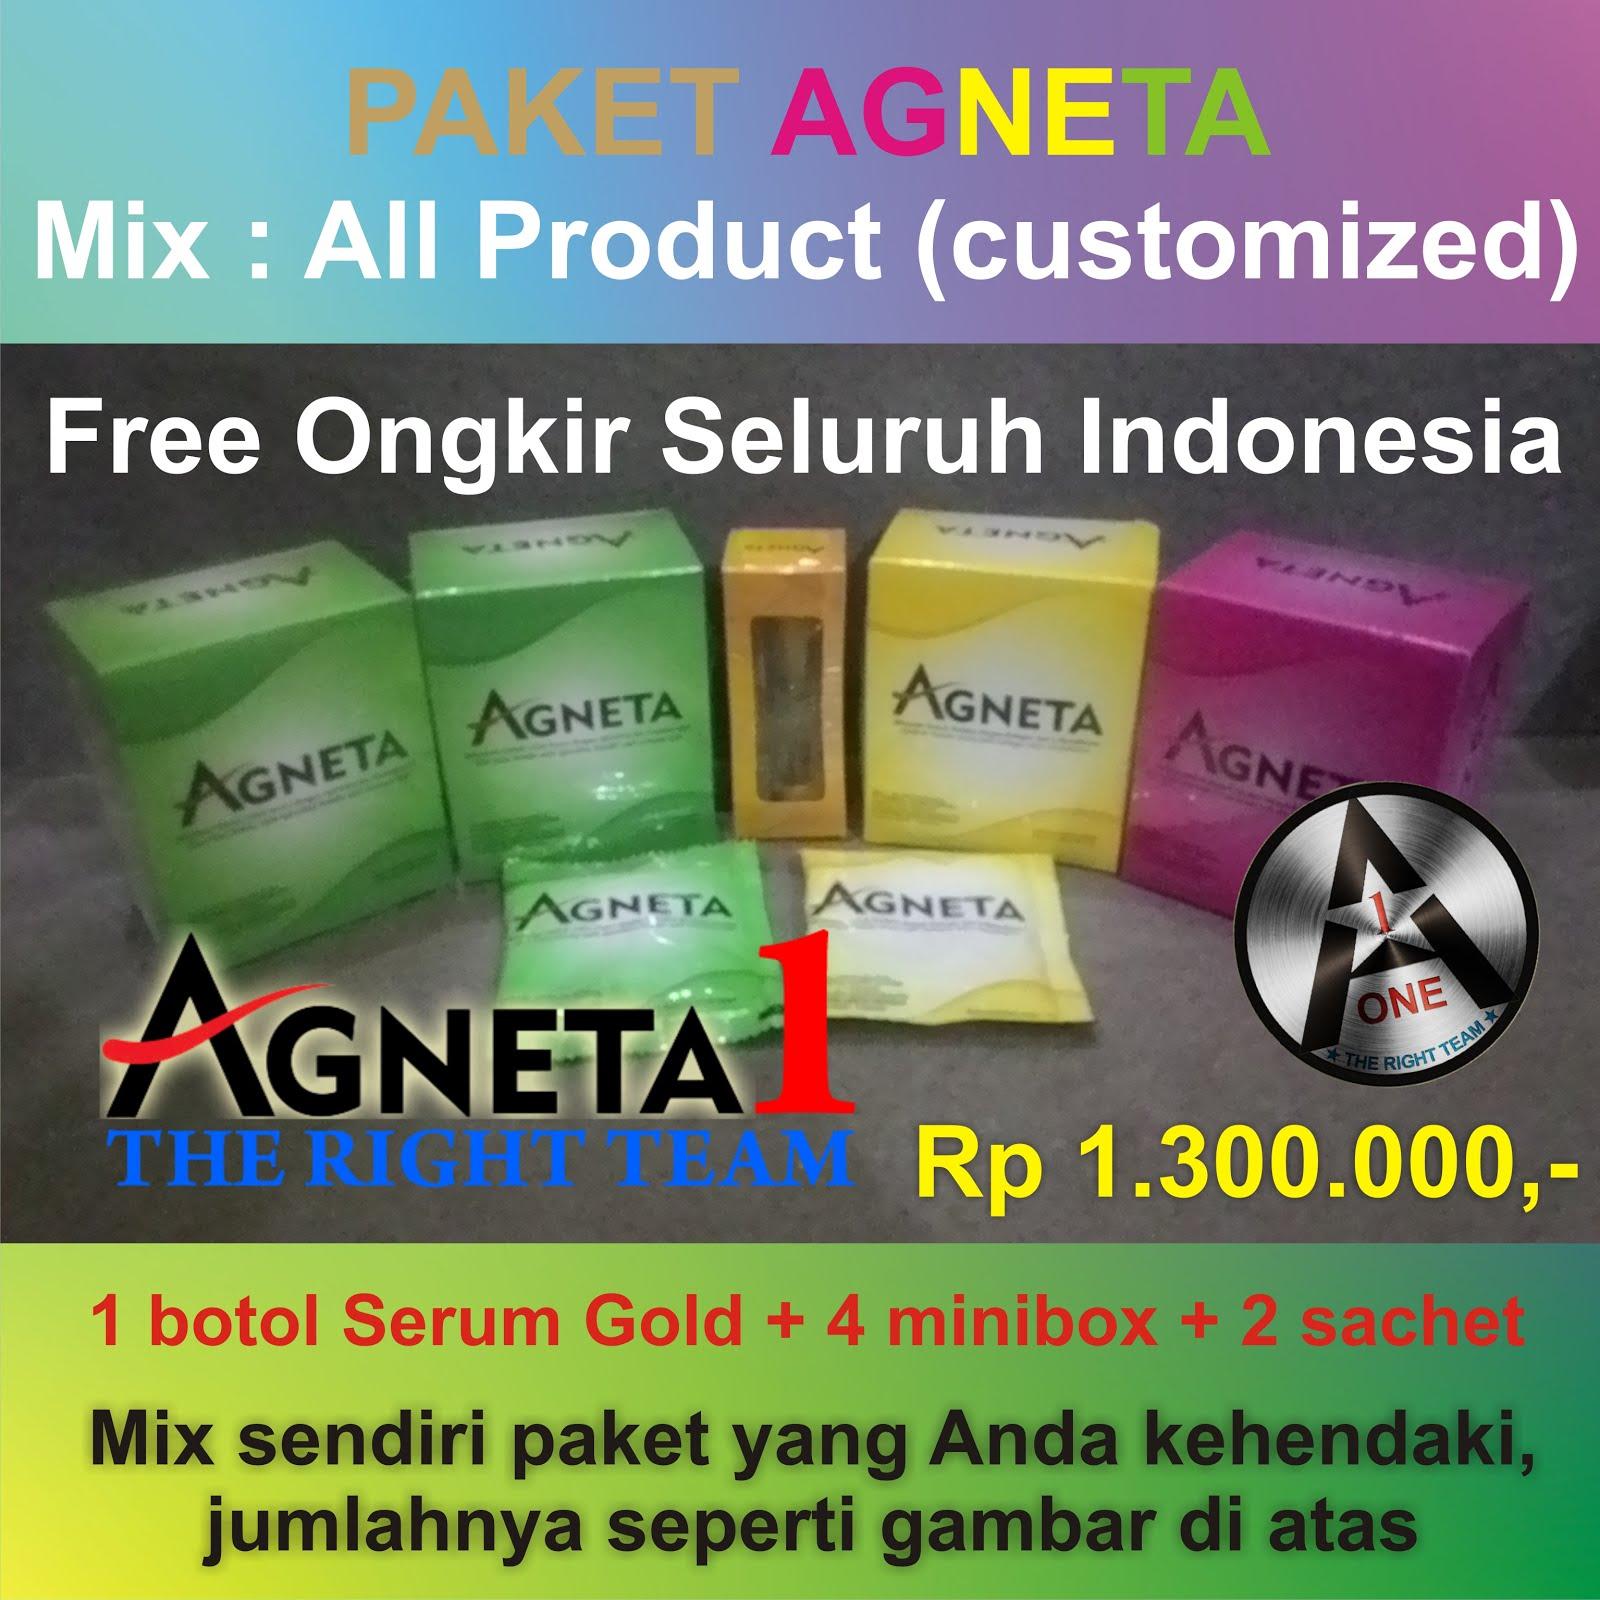 Paket Agneta MIX